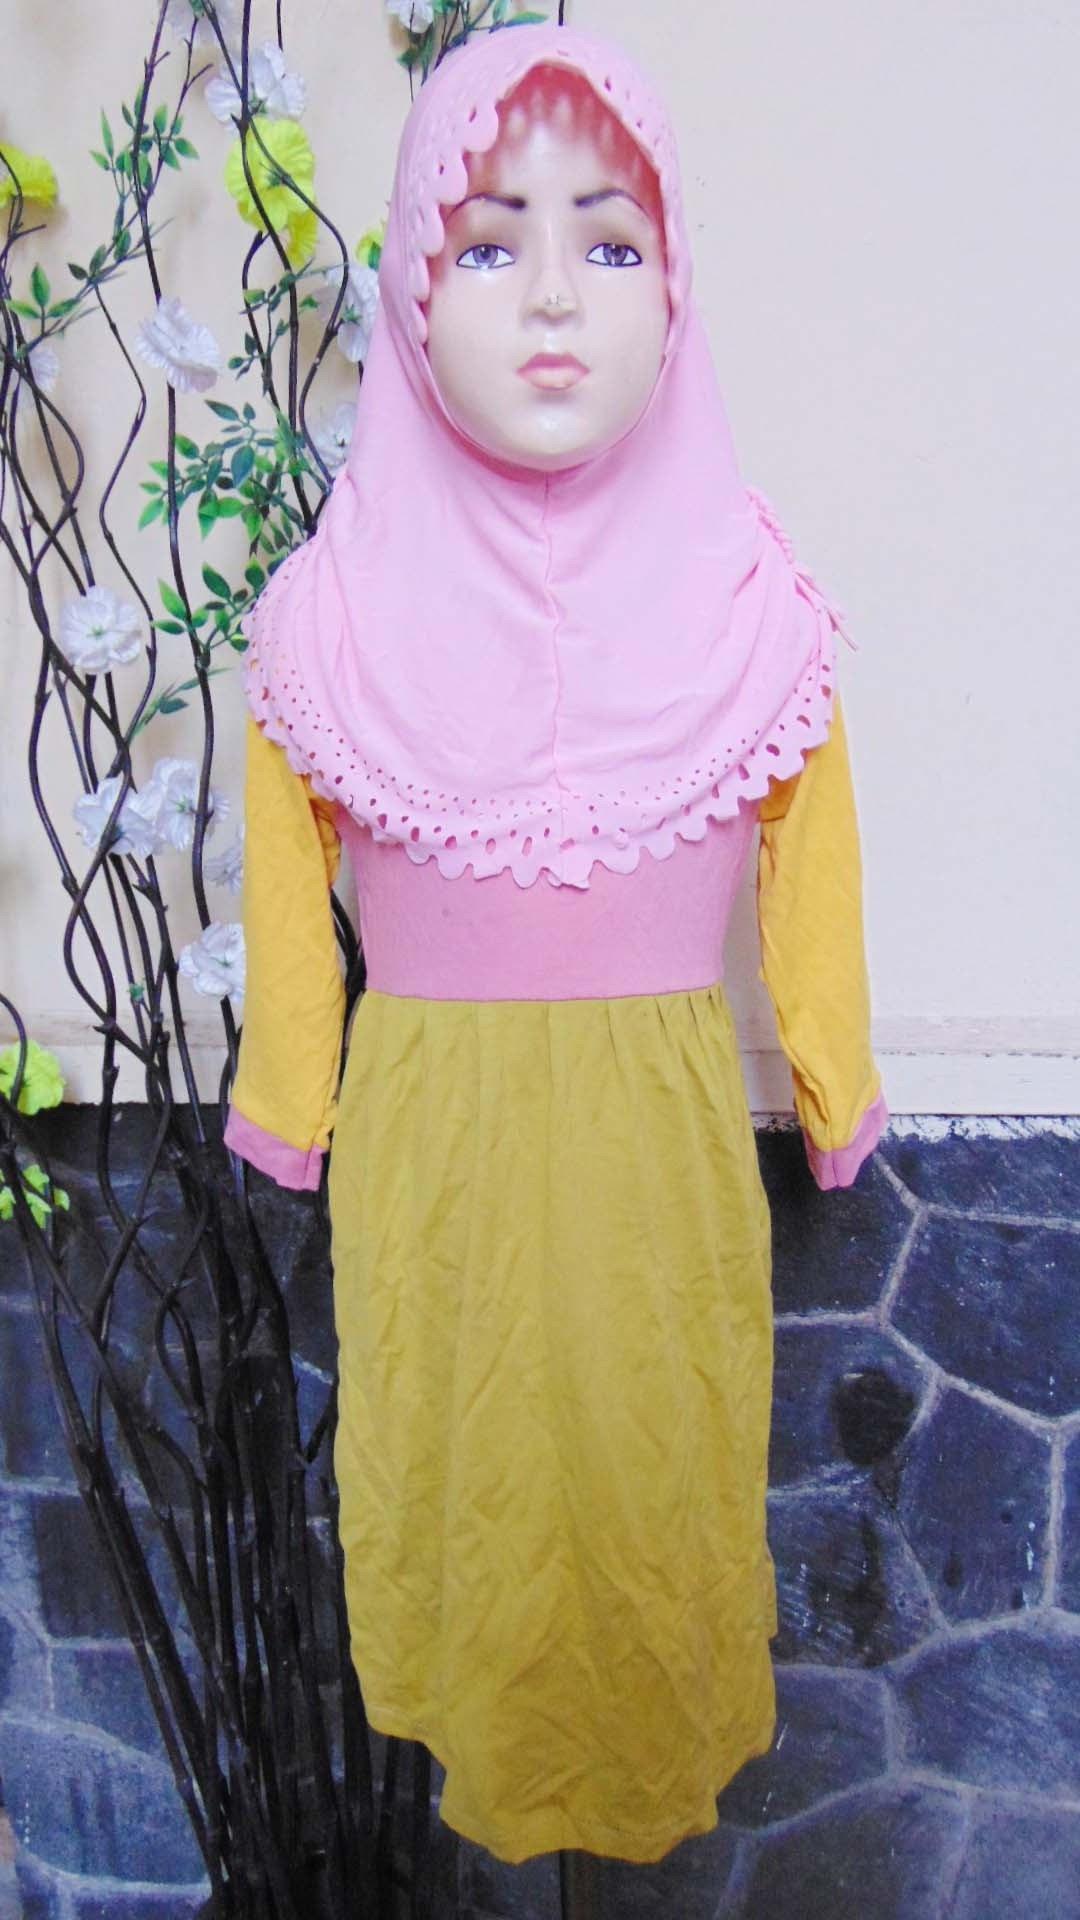 Ide Baju Lebaran Bayi Perempuan Ipdd Plus Jilbab Baju Lebaran Muslimah Gamis Bayi Perempuan